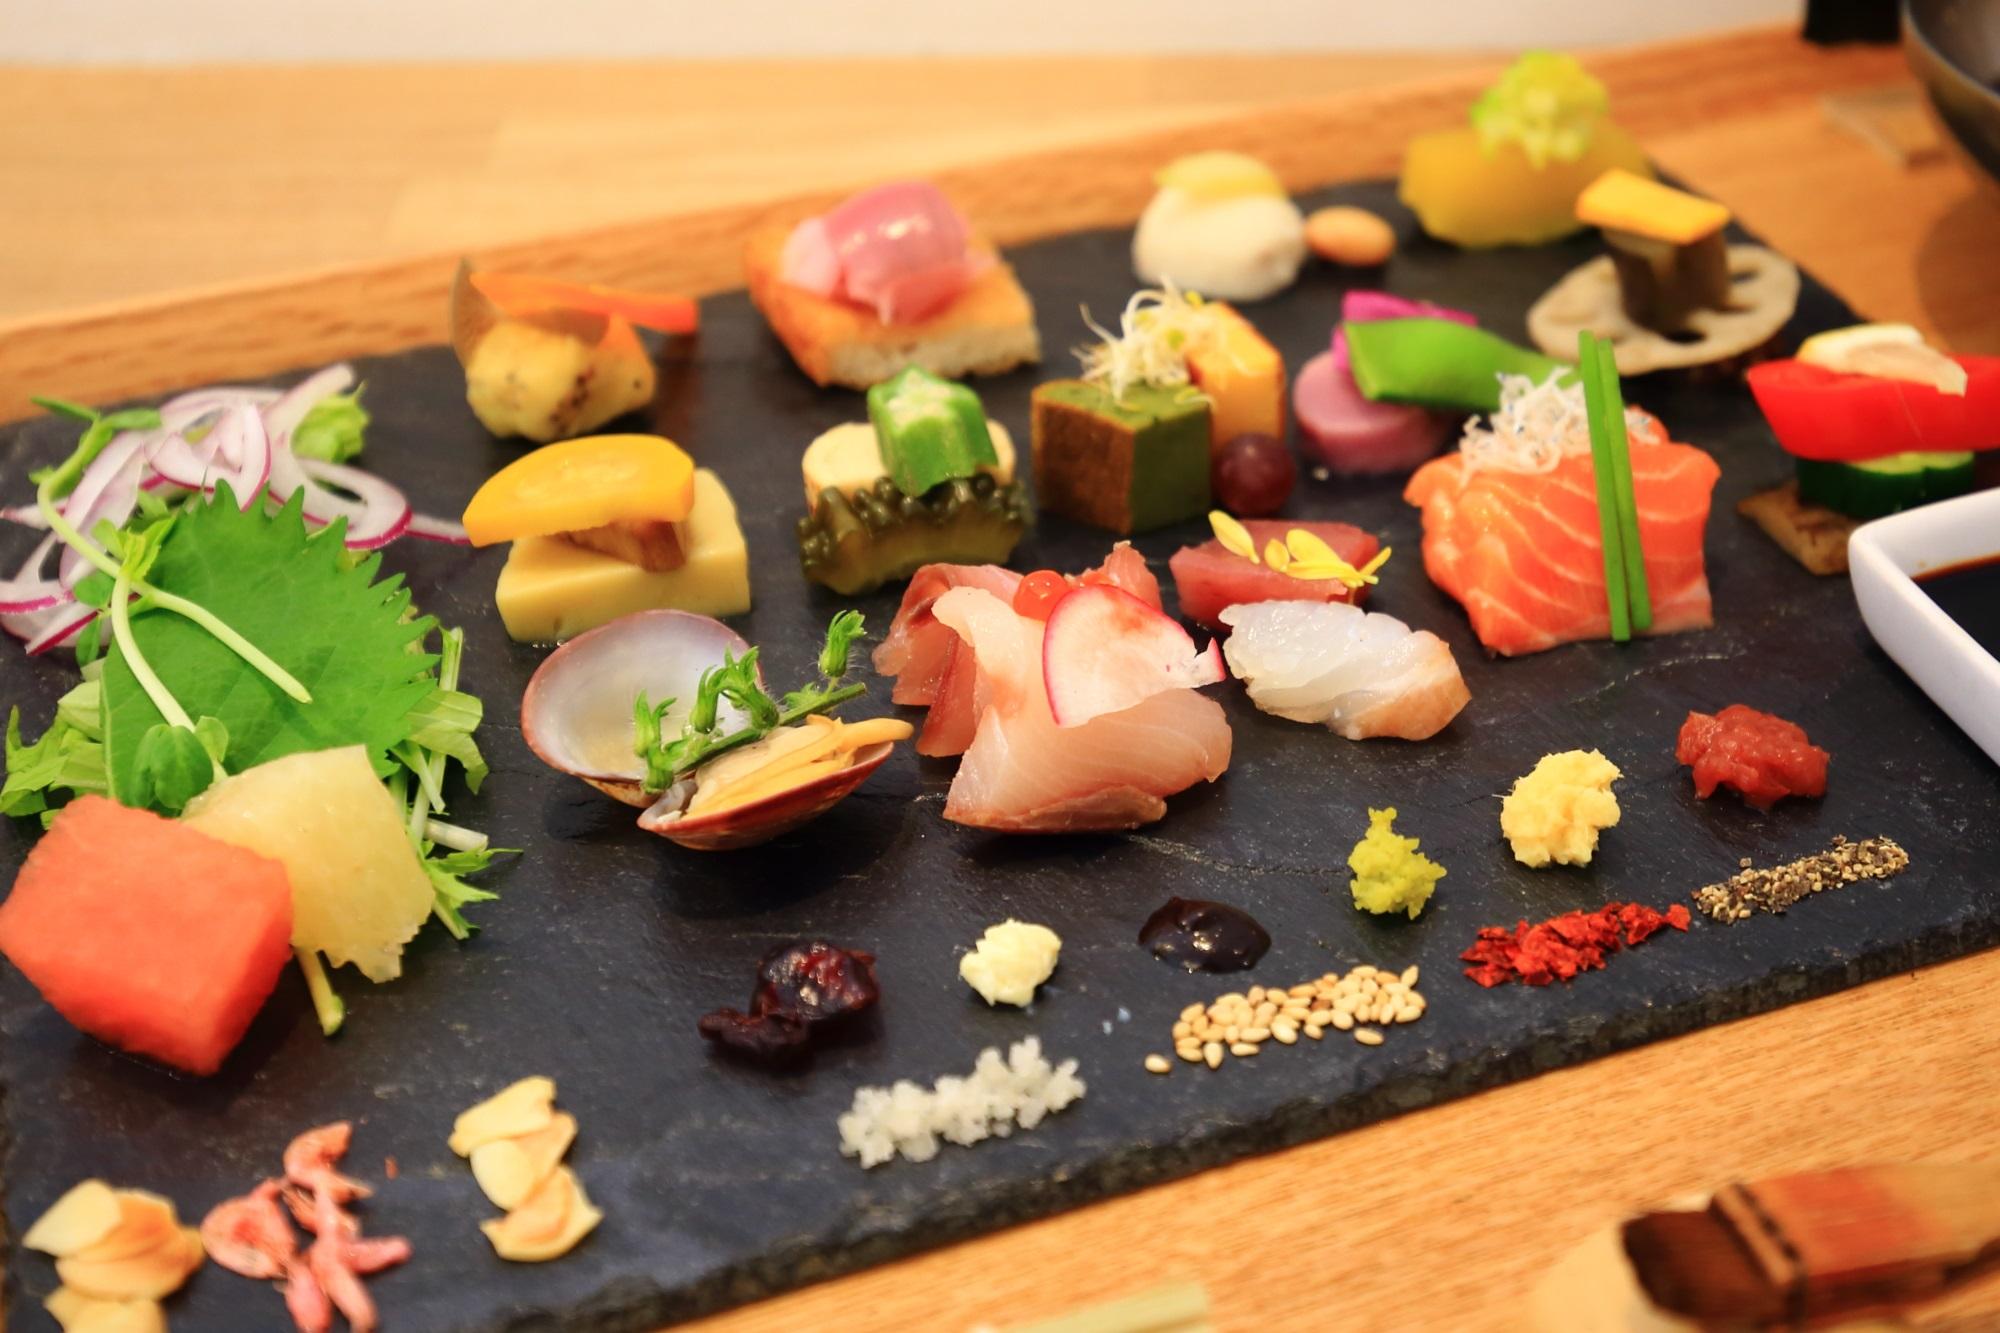 京都AWOMB(アウーム) 手織り寿司(手織り寿し) 美しい芸術的な手巻き寿司